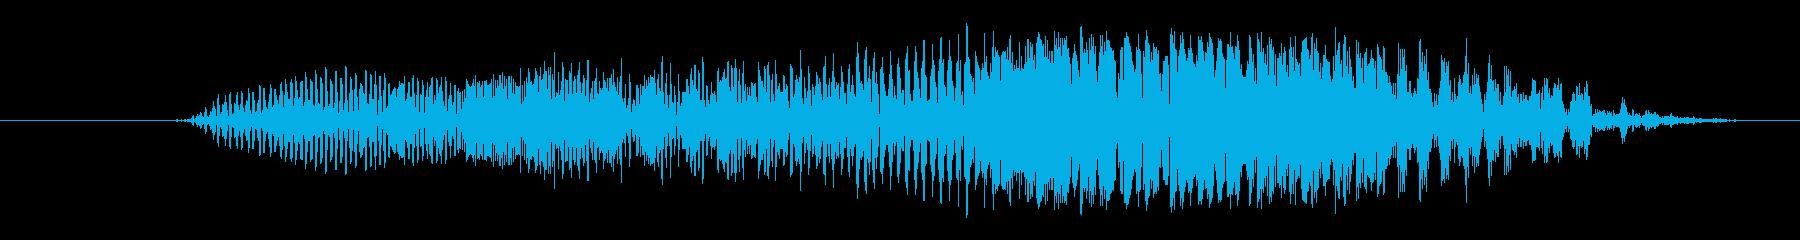 大クリーチャー:短いRo音のうなり声の再生済みの波形